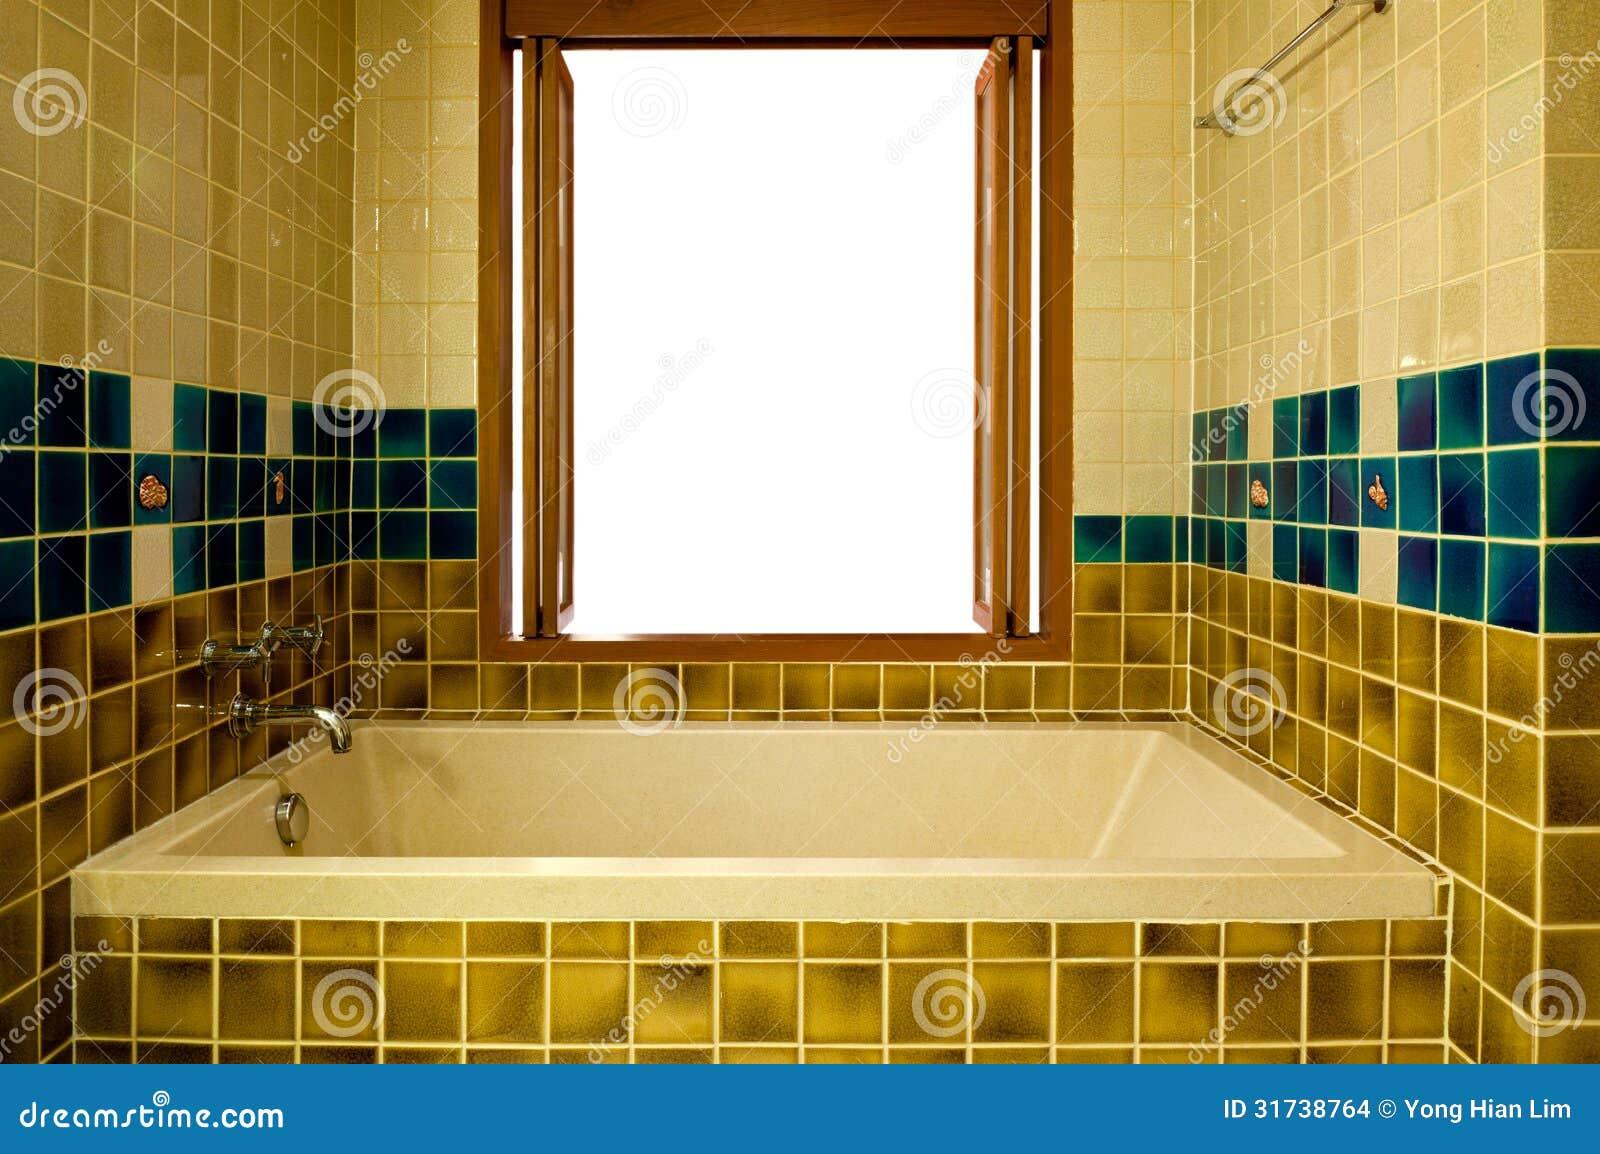 Banheiro Com Banheira E A Janela Aberta Imagens de Stock Imagem  #714406 1300x955 Banheira De Banheiro